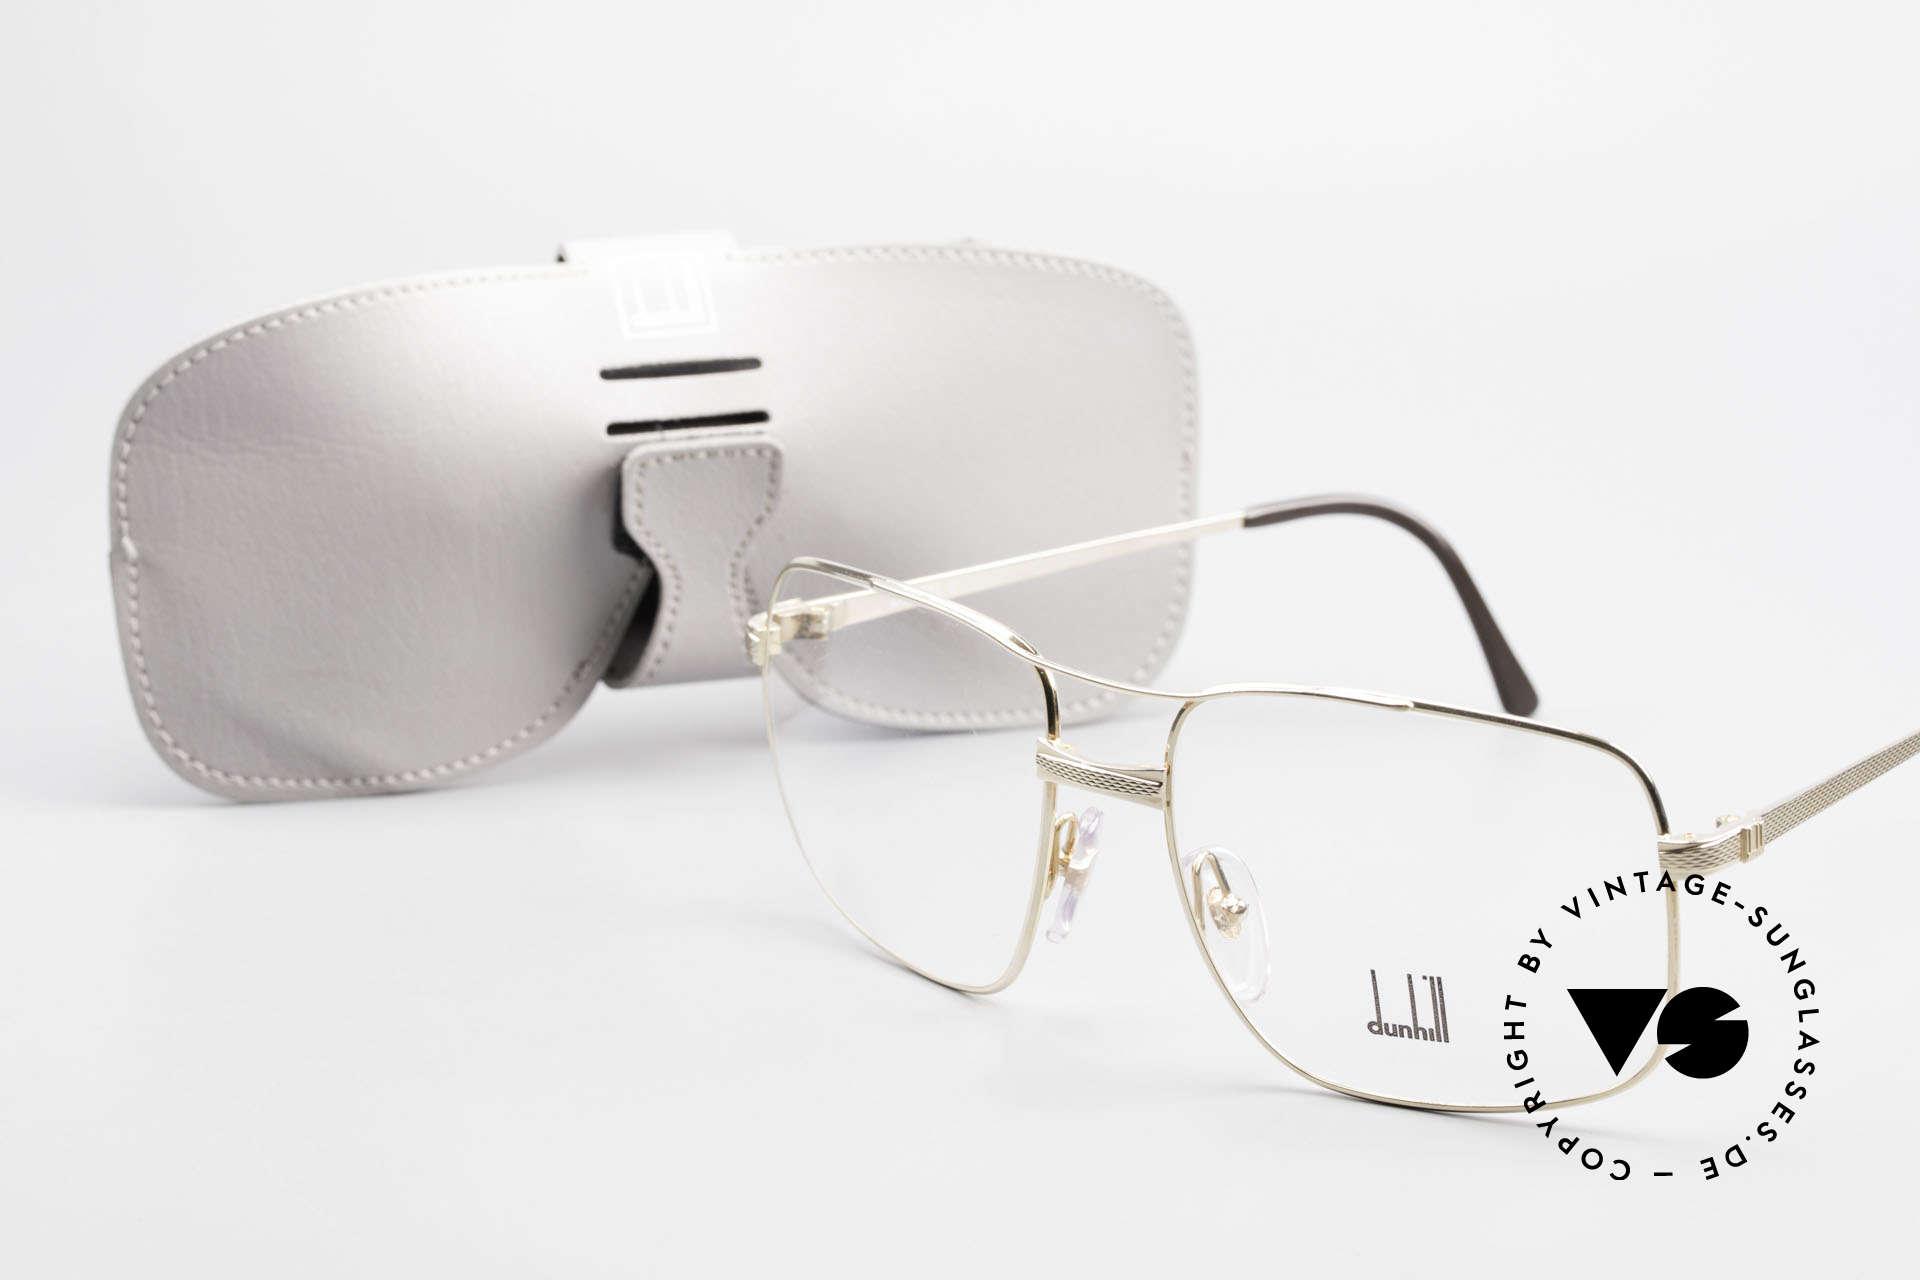 Dunhill 6048 Vergoldete 80er Brille Herren, Größe: large, Passend für Herren